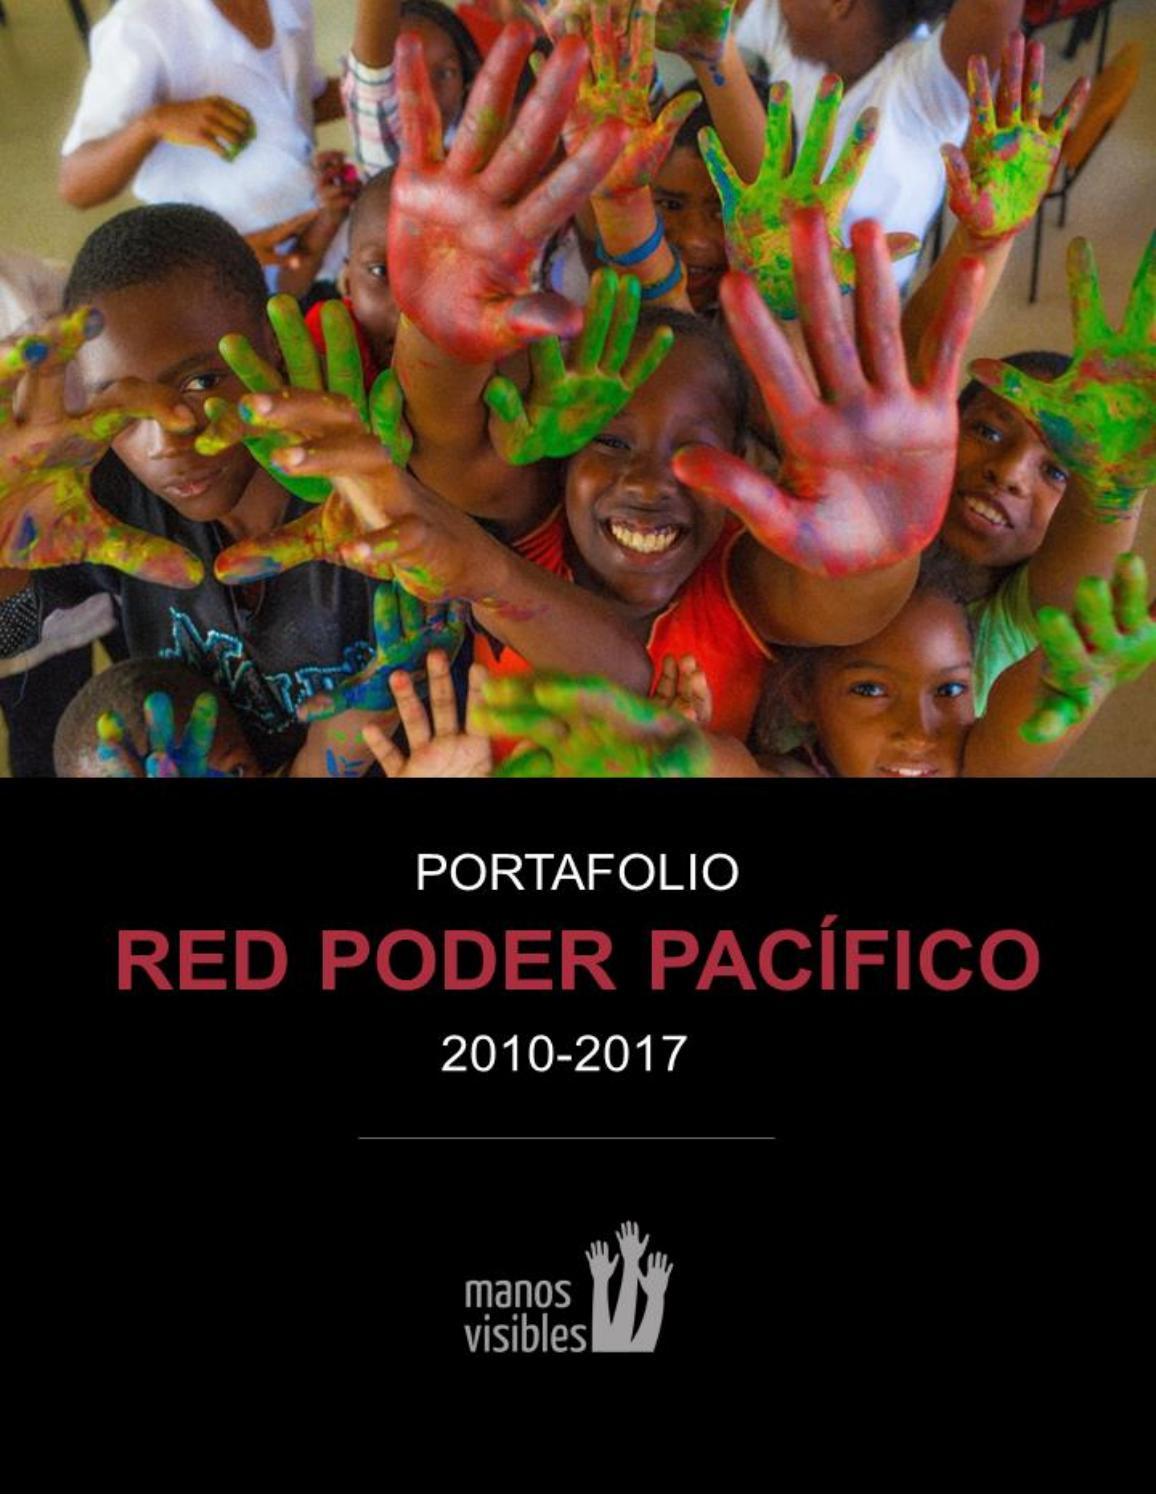 Portafolio general lideres MV by Ana De Colores - issuu 537e38ec4df